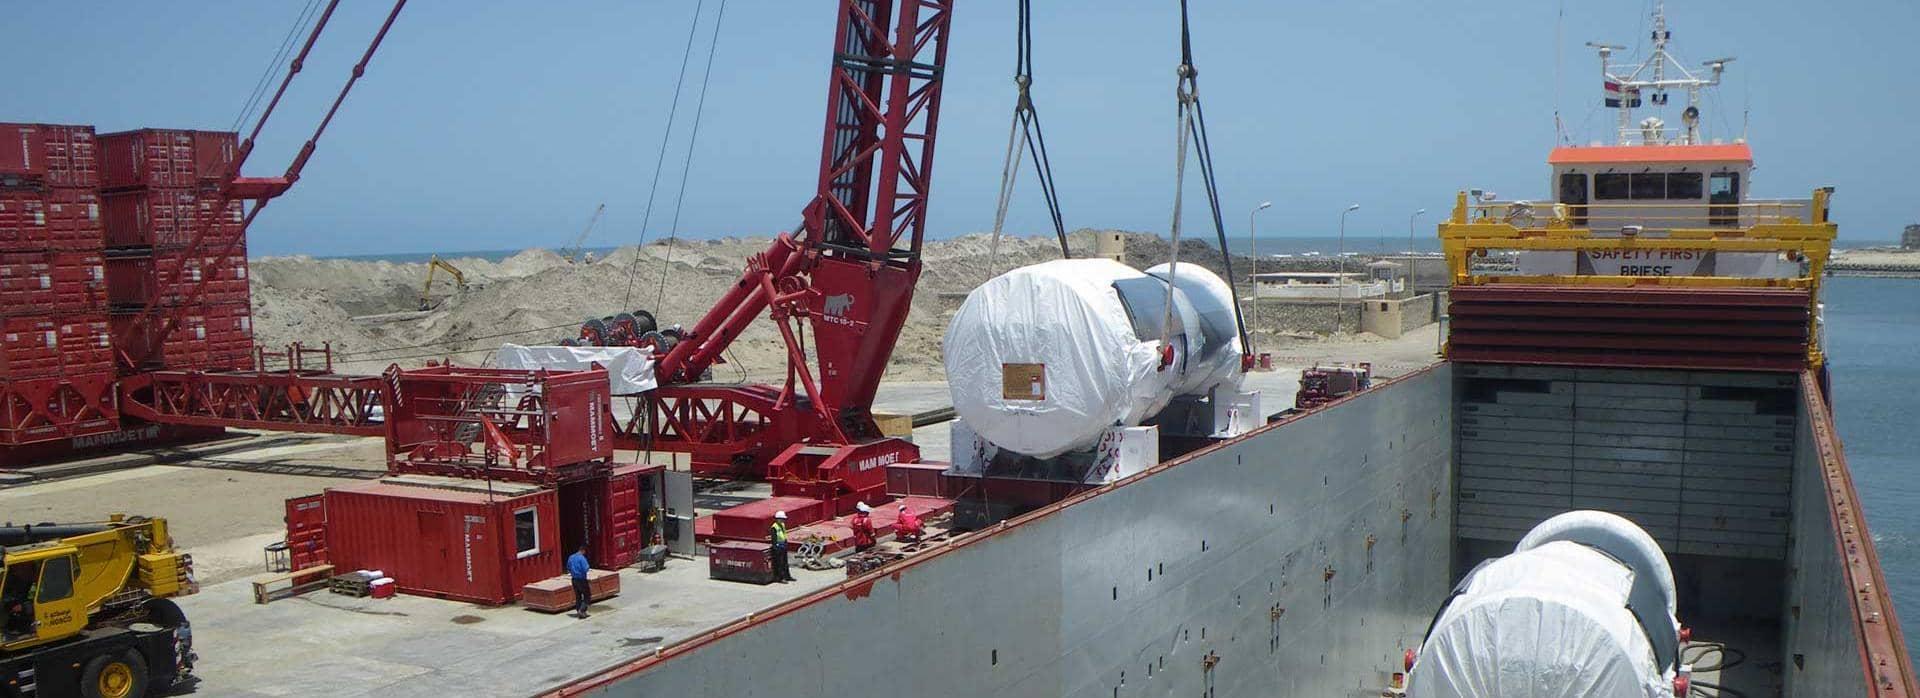 バーアラスでの600トンクレーンによるタービンの荷卸し